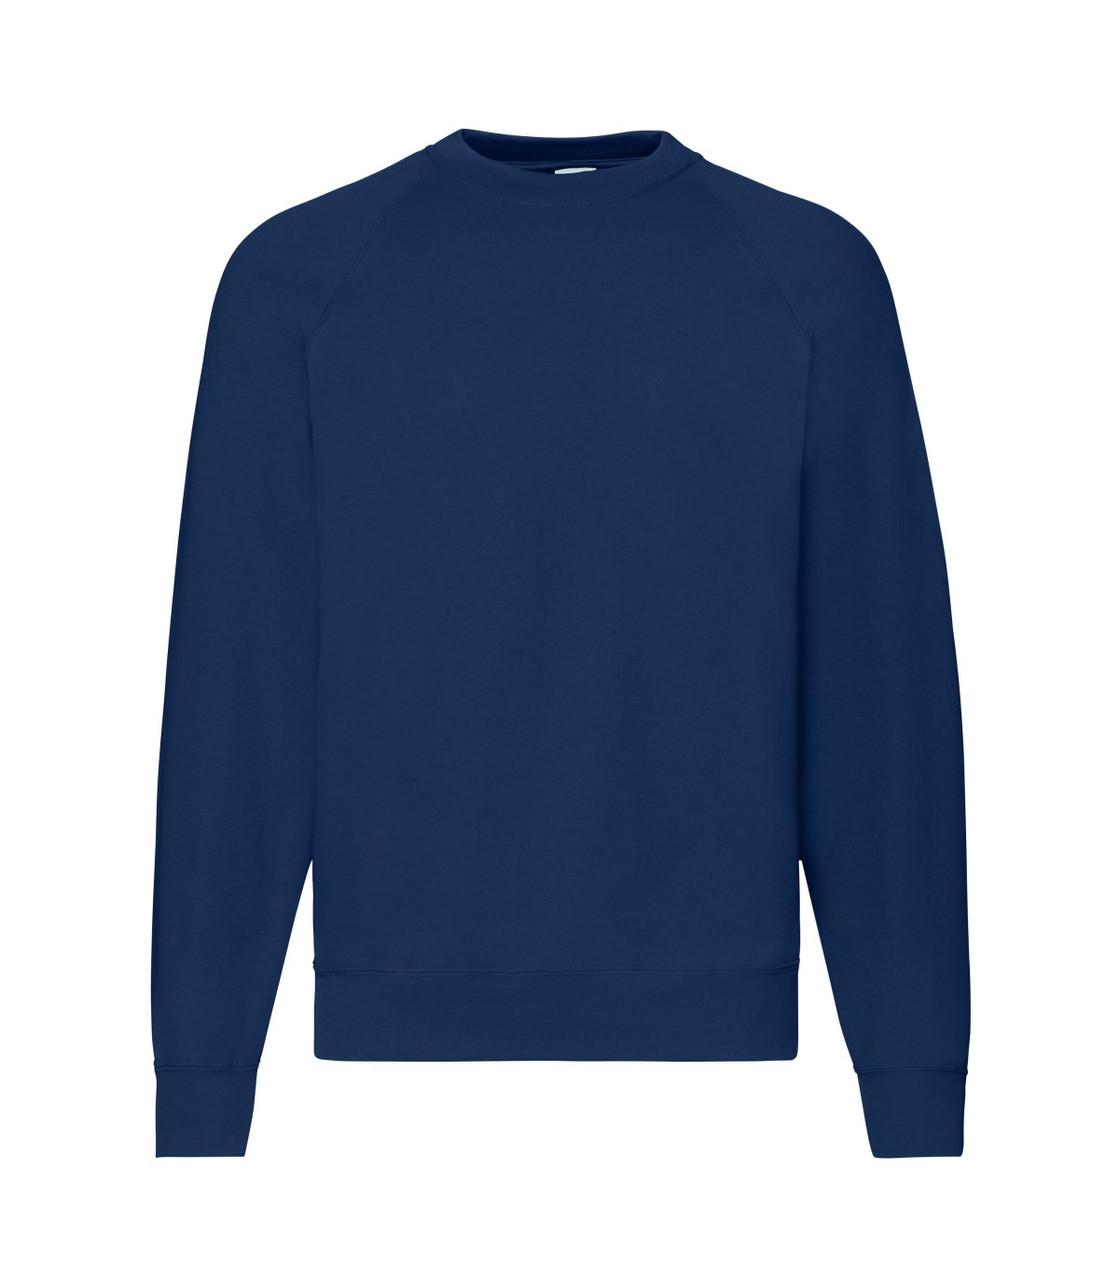 Мужской свитер-реглан утепленный темно-синий 216-32